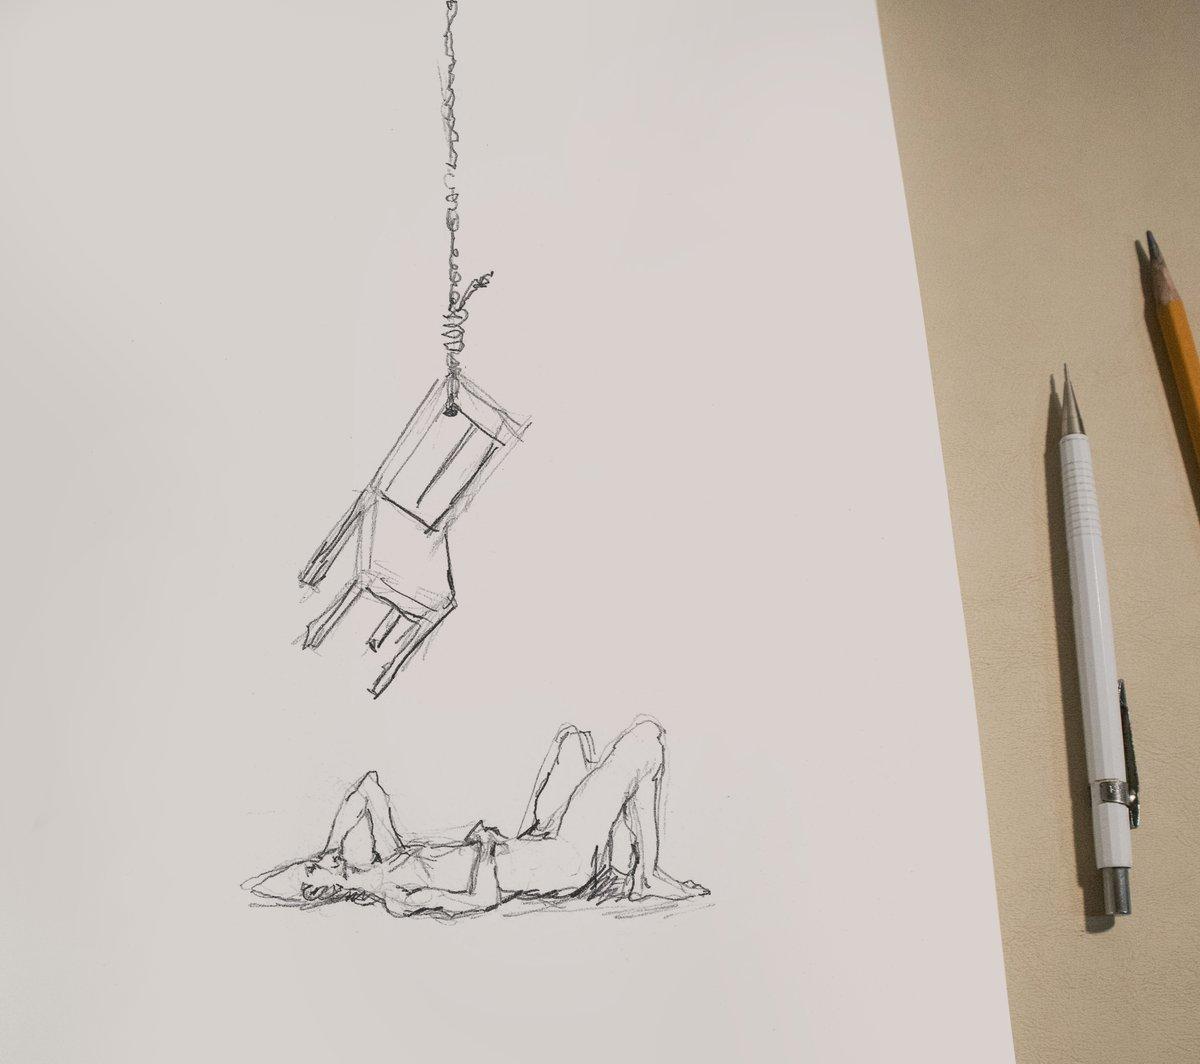 homem matando uma ideia de morrer  Há exatamente um ano eu vivia a noite mais tenebrosa da minha vida até então. Foi quando rabisquei esse pequeno desenho. Ele resolveu algo dentro de mim e, mais uma vez, a arte me salvou. https://t.co/0eSJp5Zwav